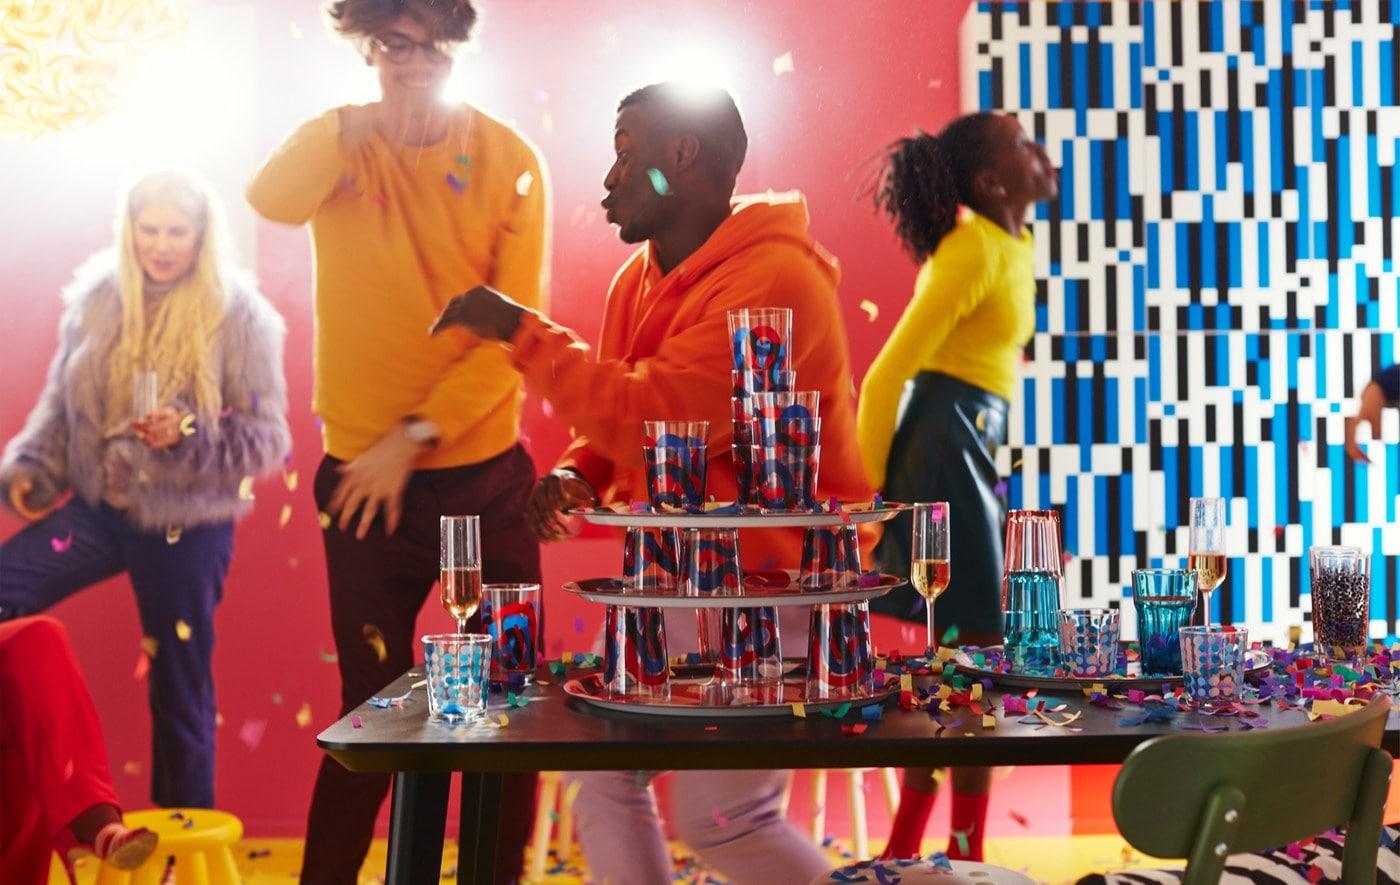 Image d'une fête où la couleur domine. Les verres FRAMKALLA présentent des dessins rouges et bleus.